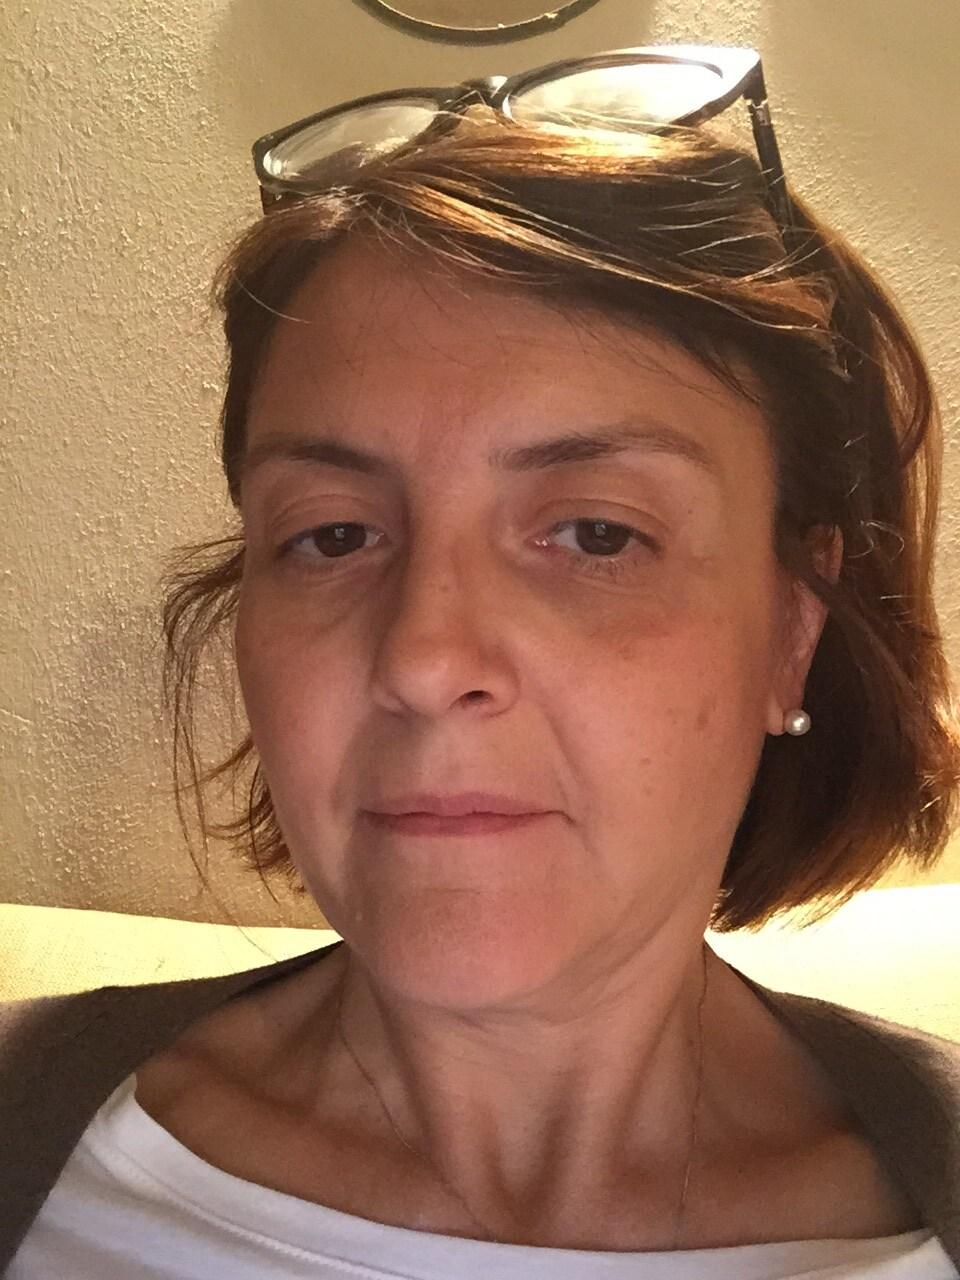 Lucia from Castiglion Fiorentino